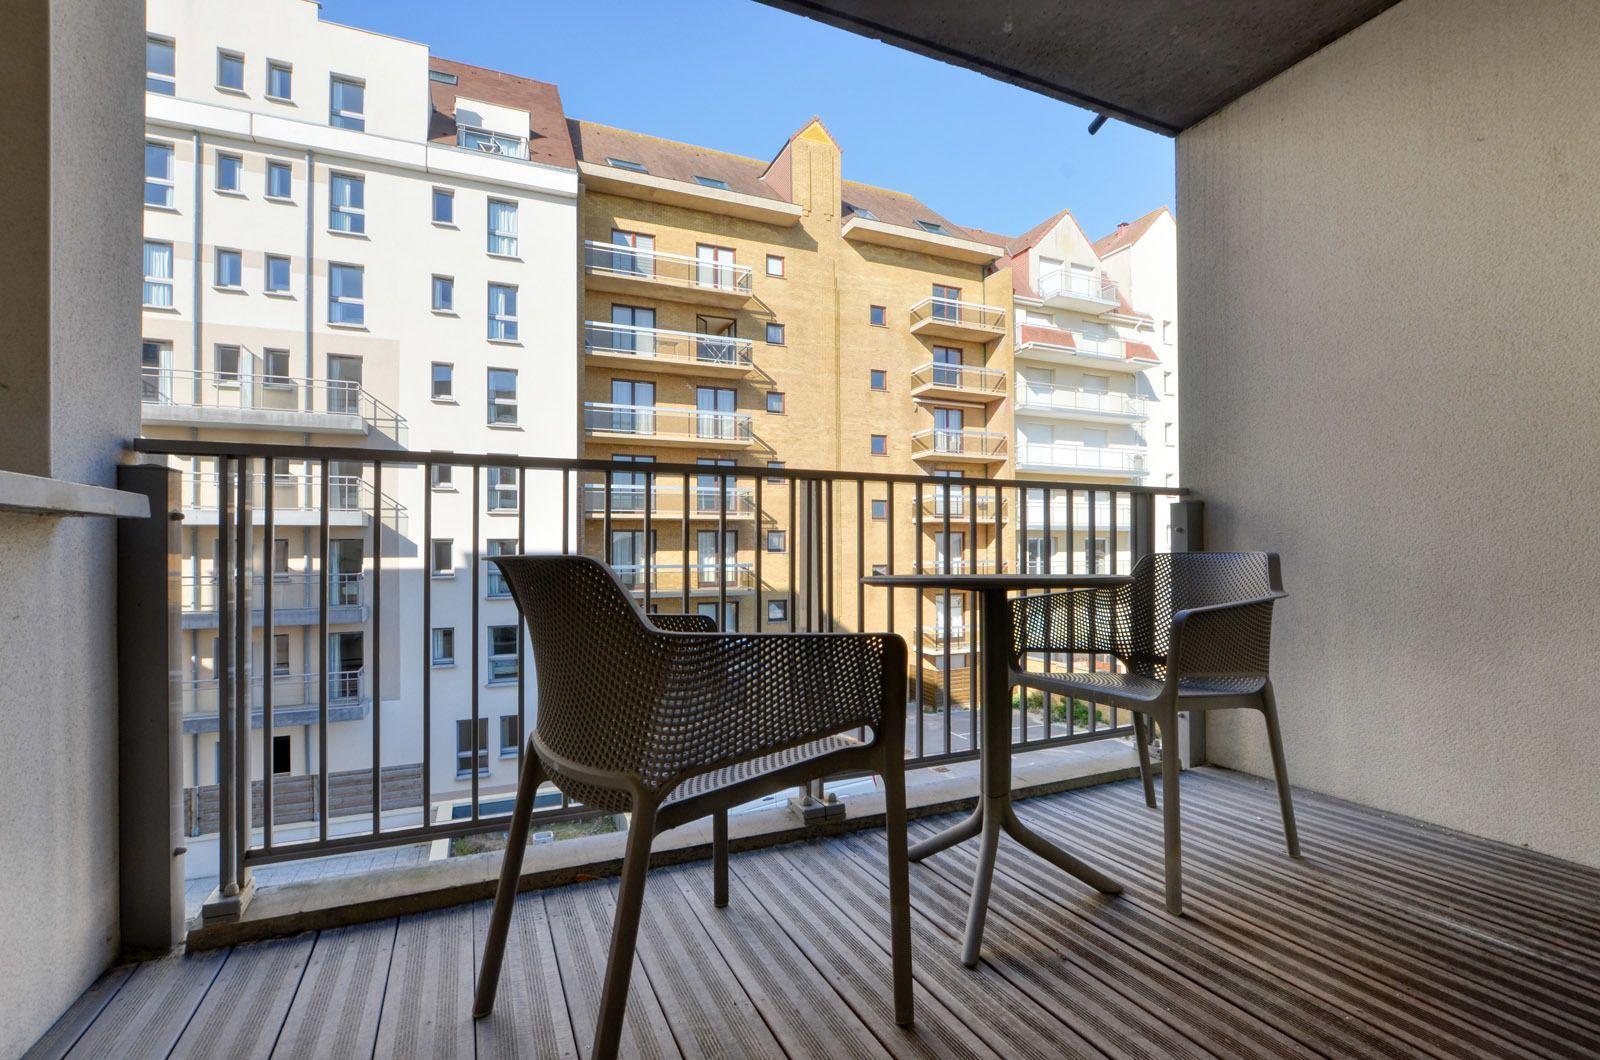 Vakantieverblijf voor 6 personen (4 volwassenen - 2 kinderen) met terras